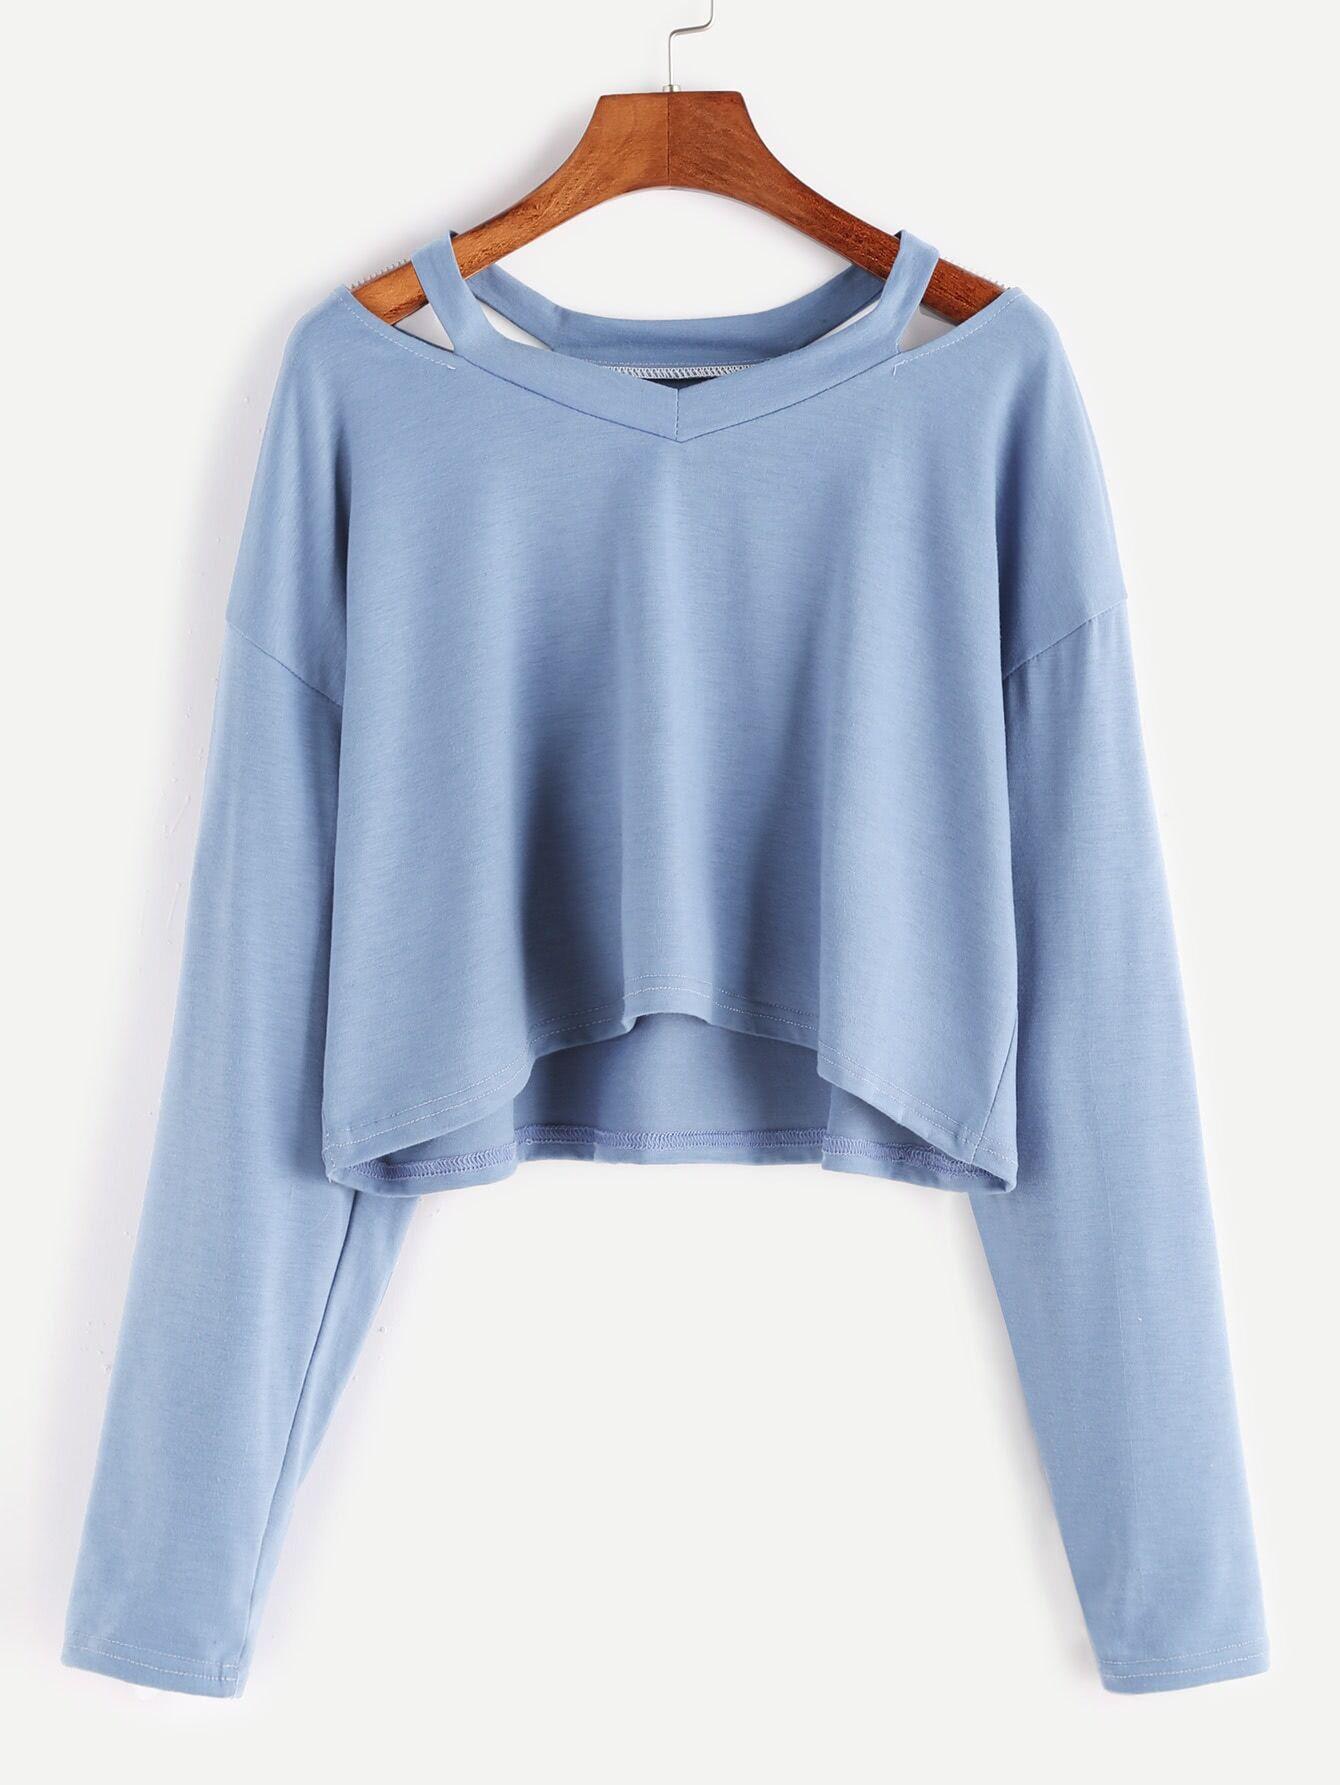 Blue Blouses For Women